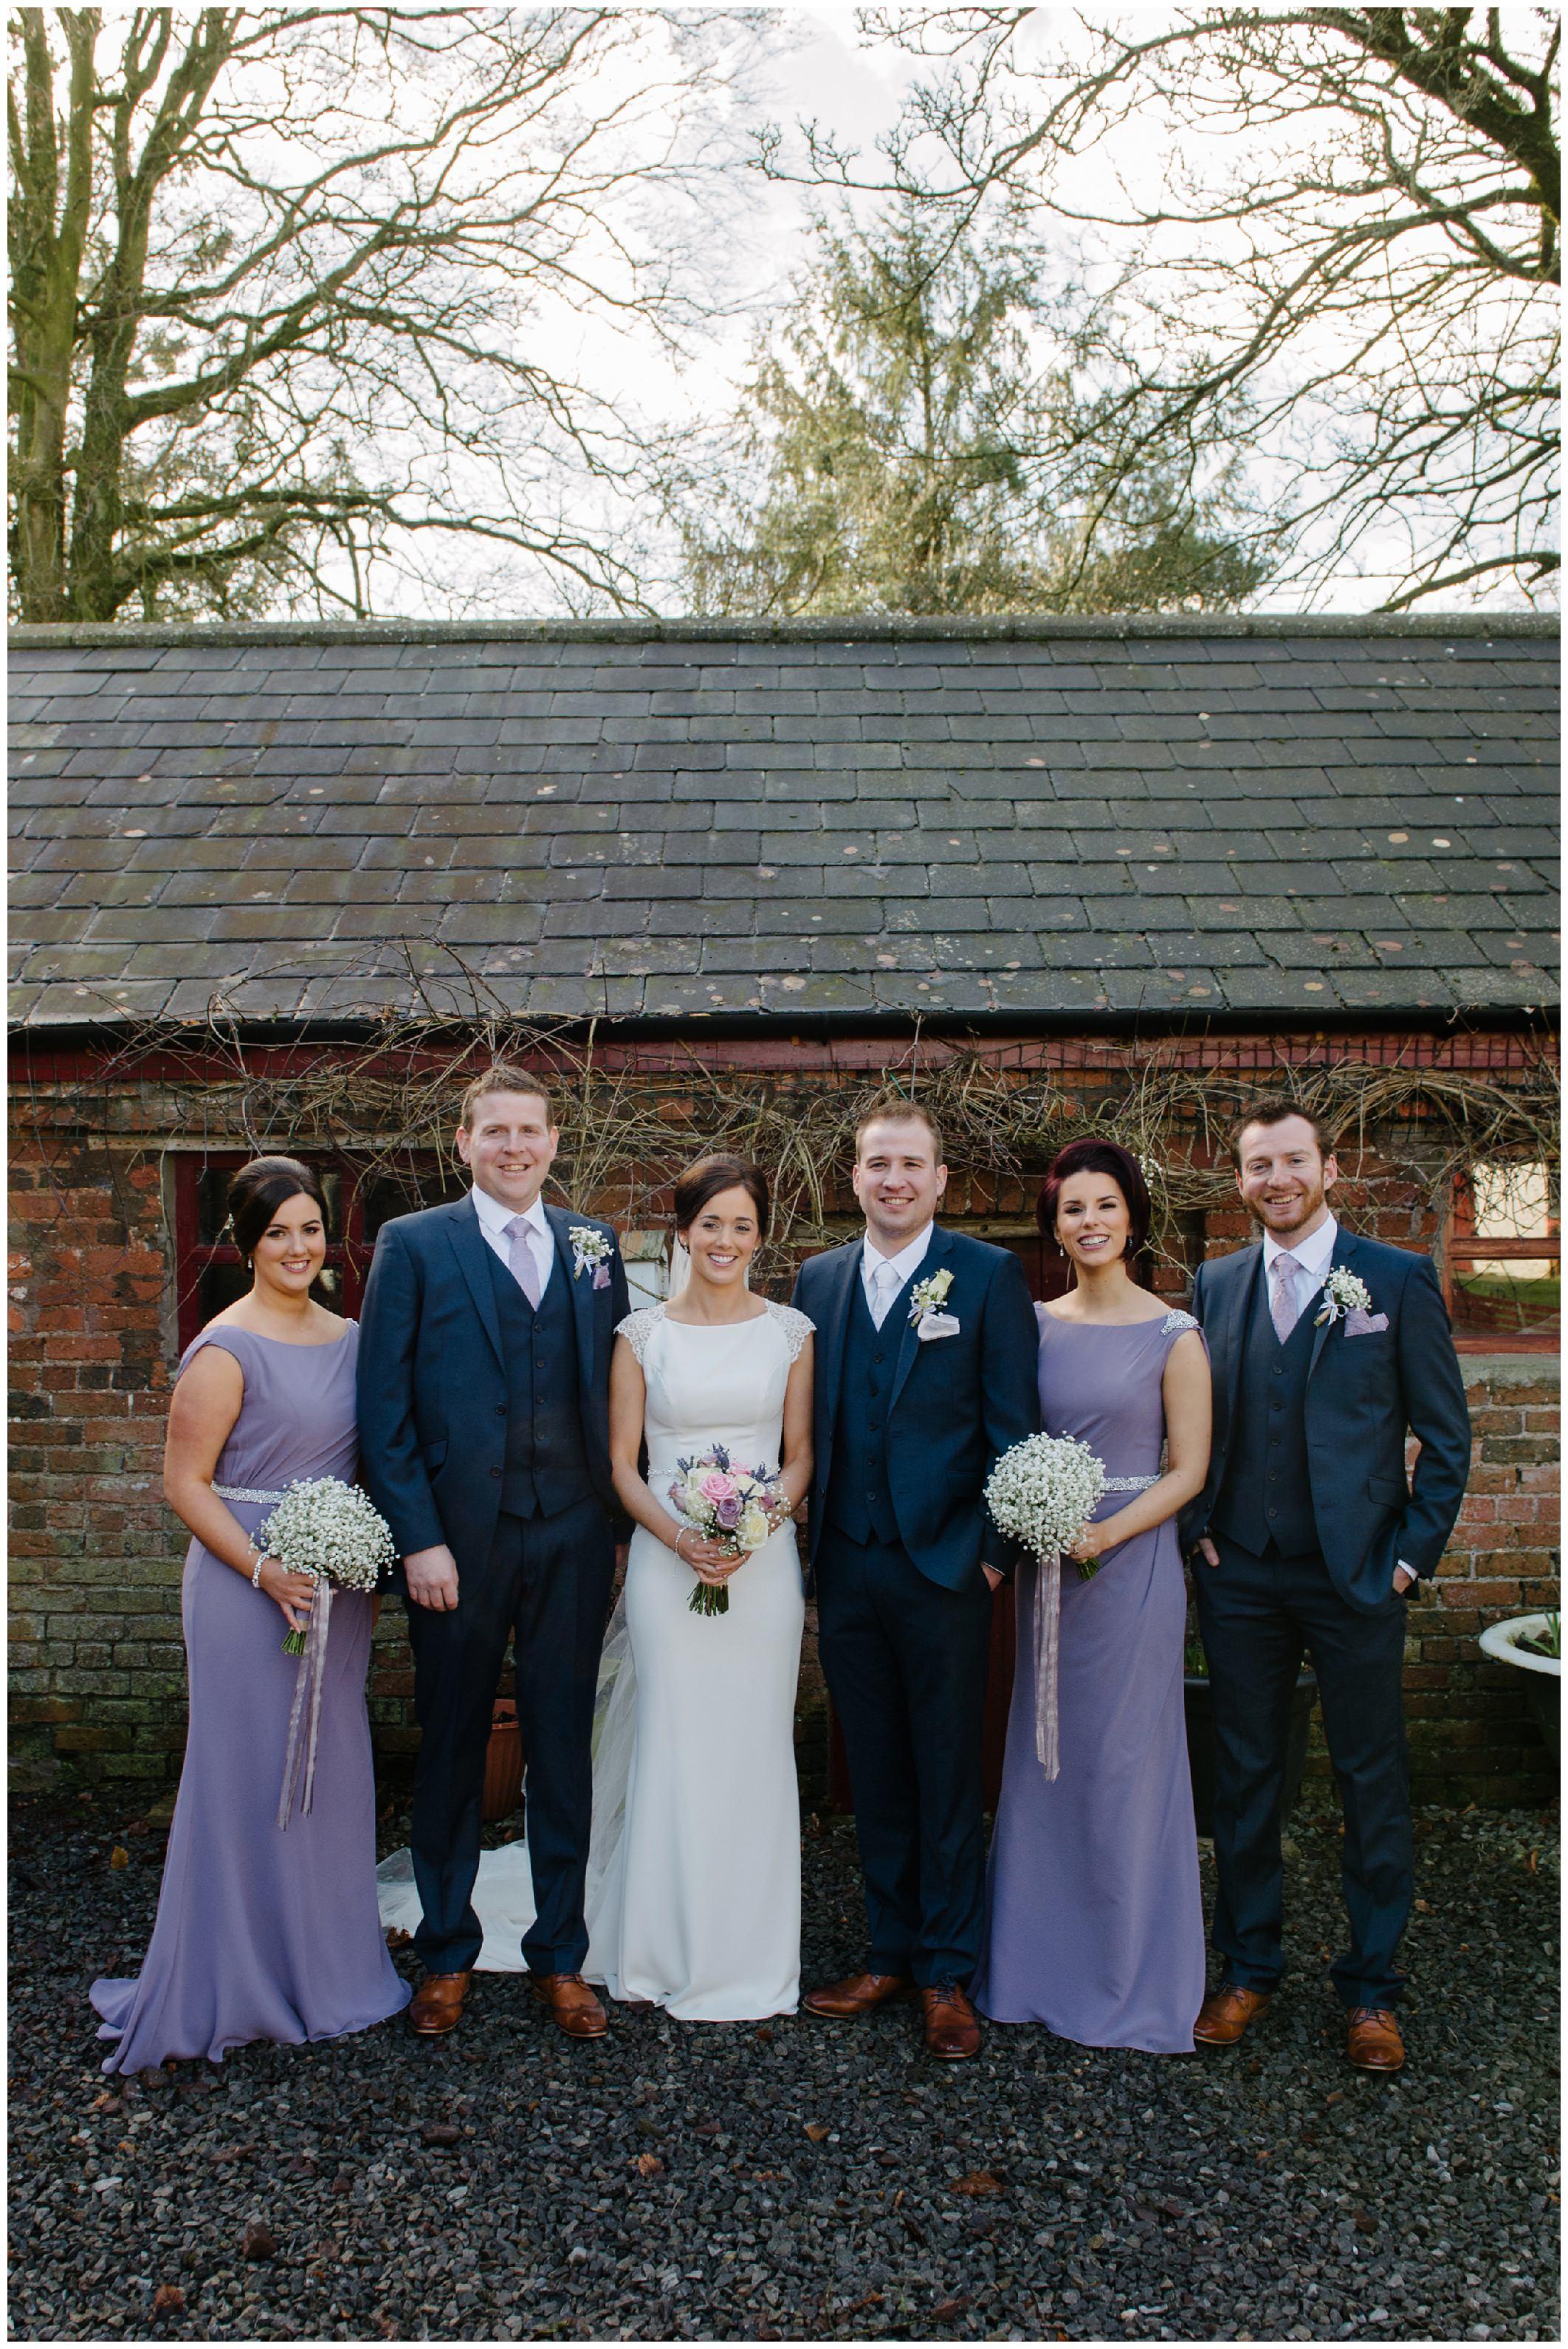 nicola_colm_villa_rose_wedding_jude_browne_photography_0058.jpg